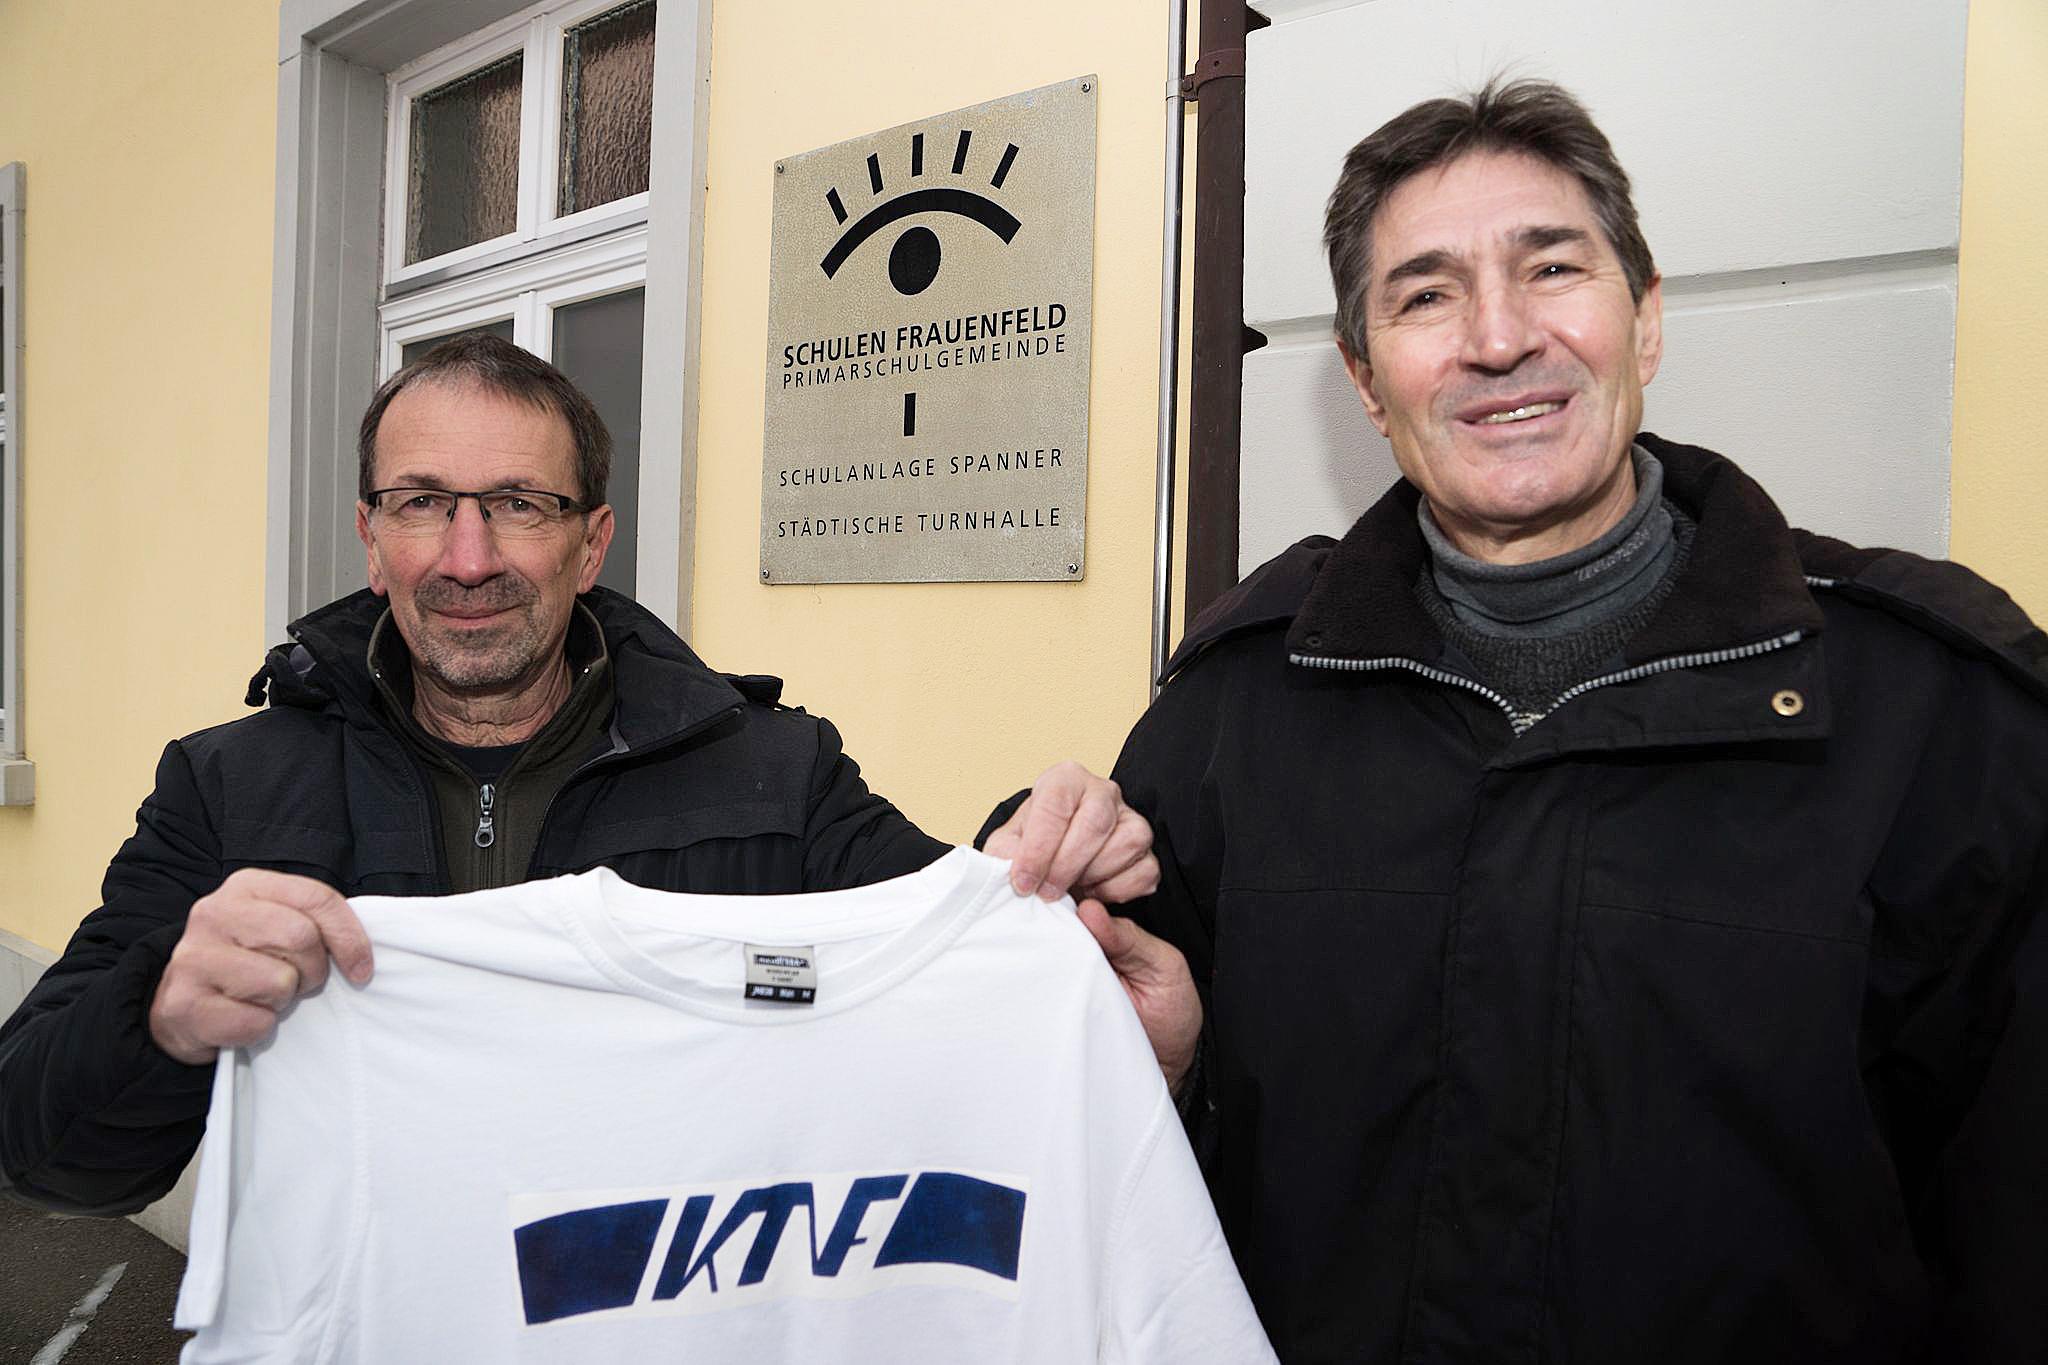 100-JAHR-JUBILÄUM DES KTV FRAUENFELD MIT VEREINSCHRONIK